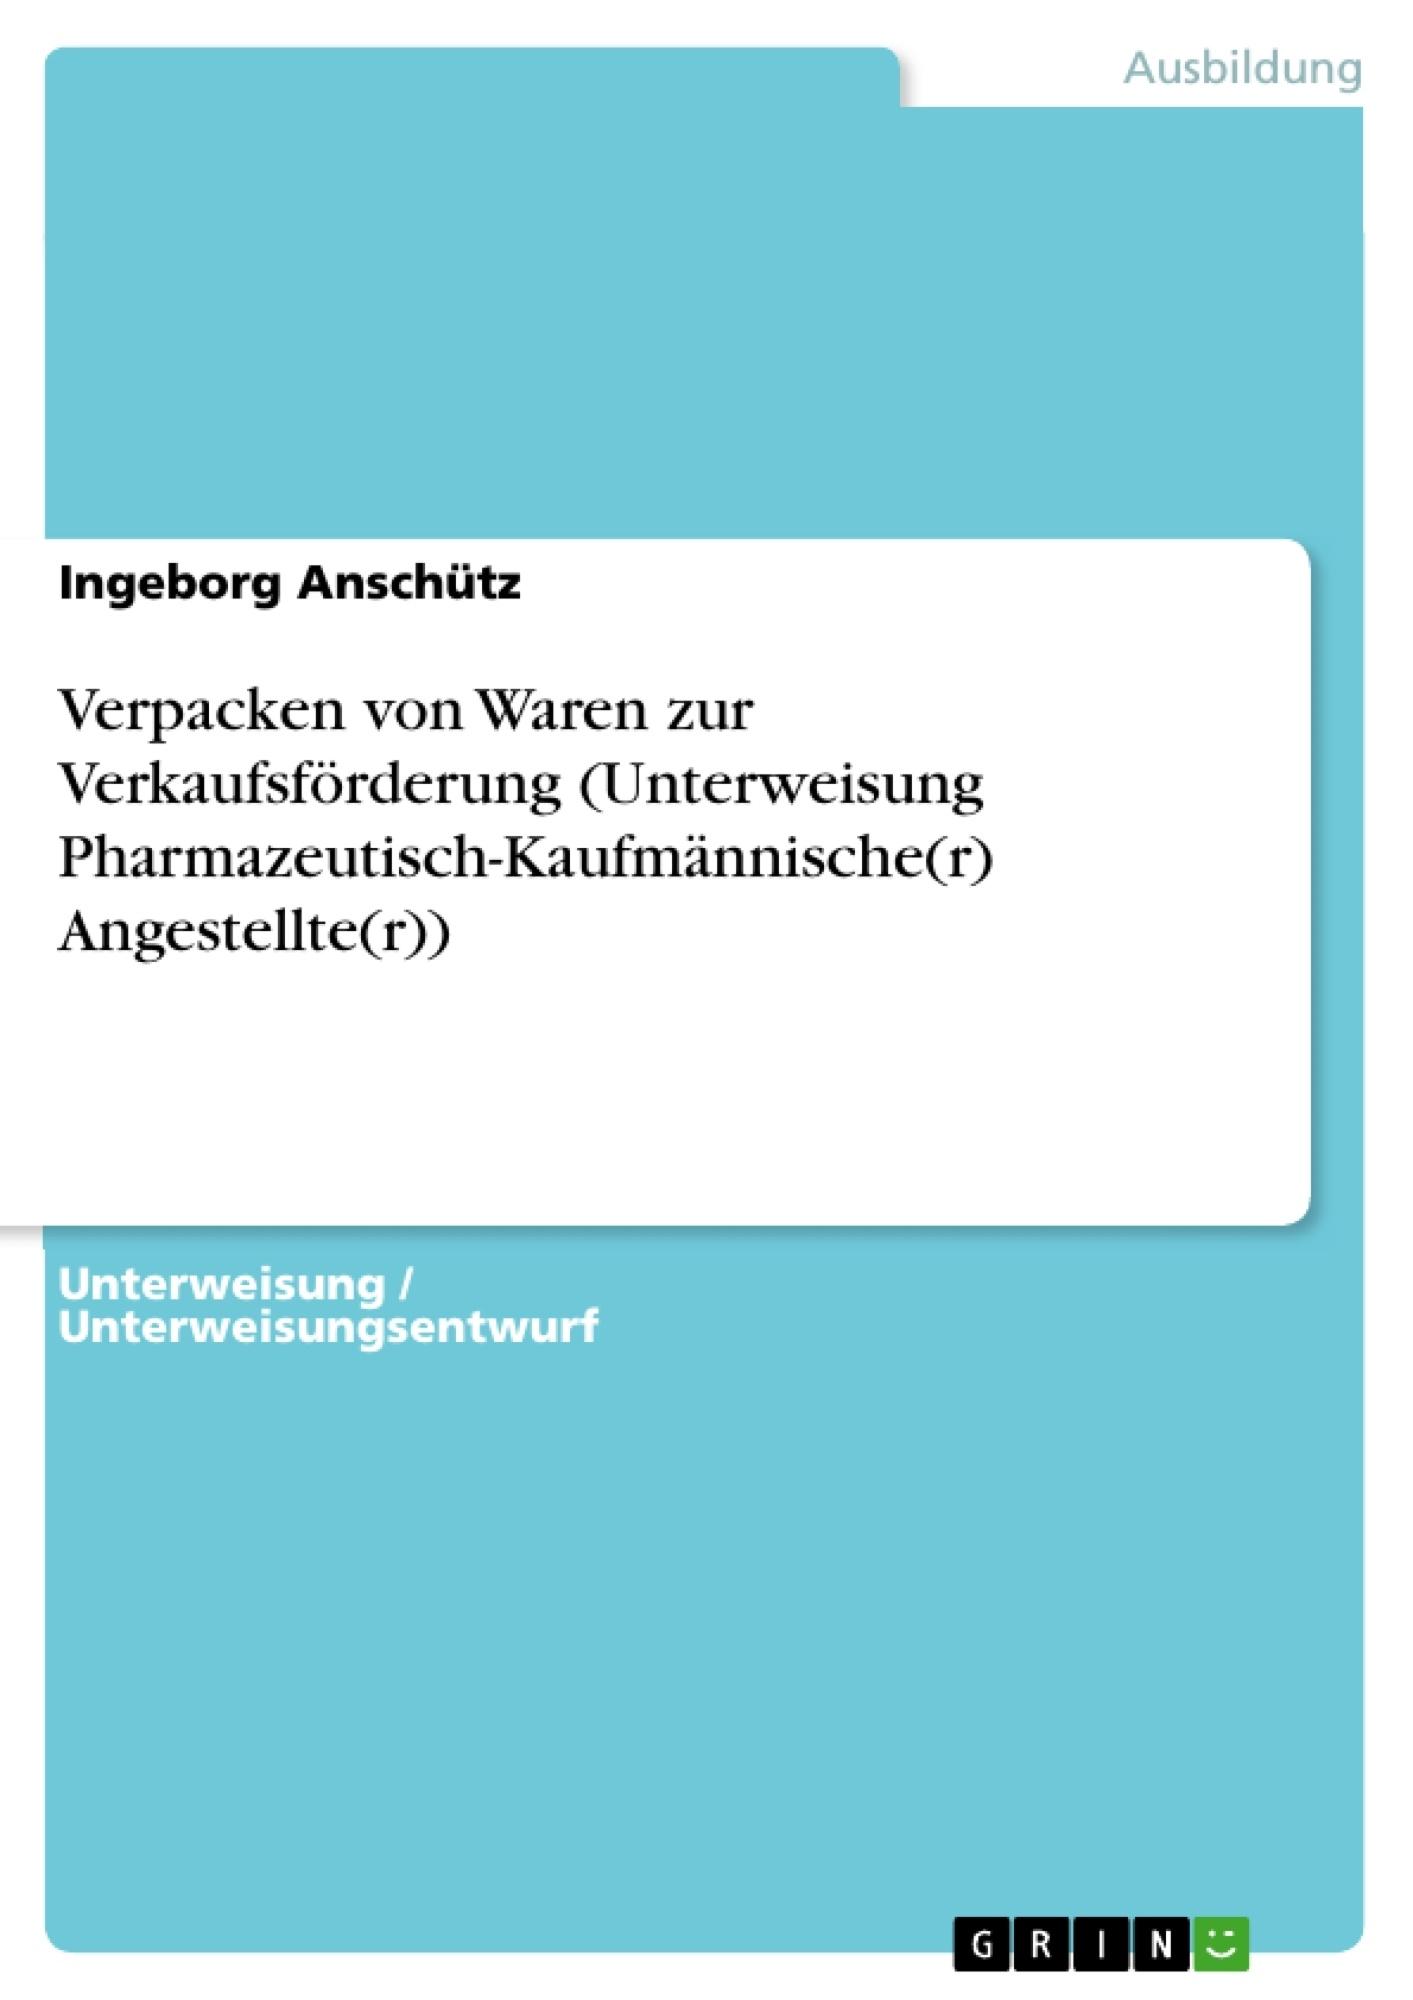 Titel: Verpacken von Waren zur Verkaufsförderung (Unterweisung Pharmazeutisch-Kaufmännische(r) Angestellte(r))